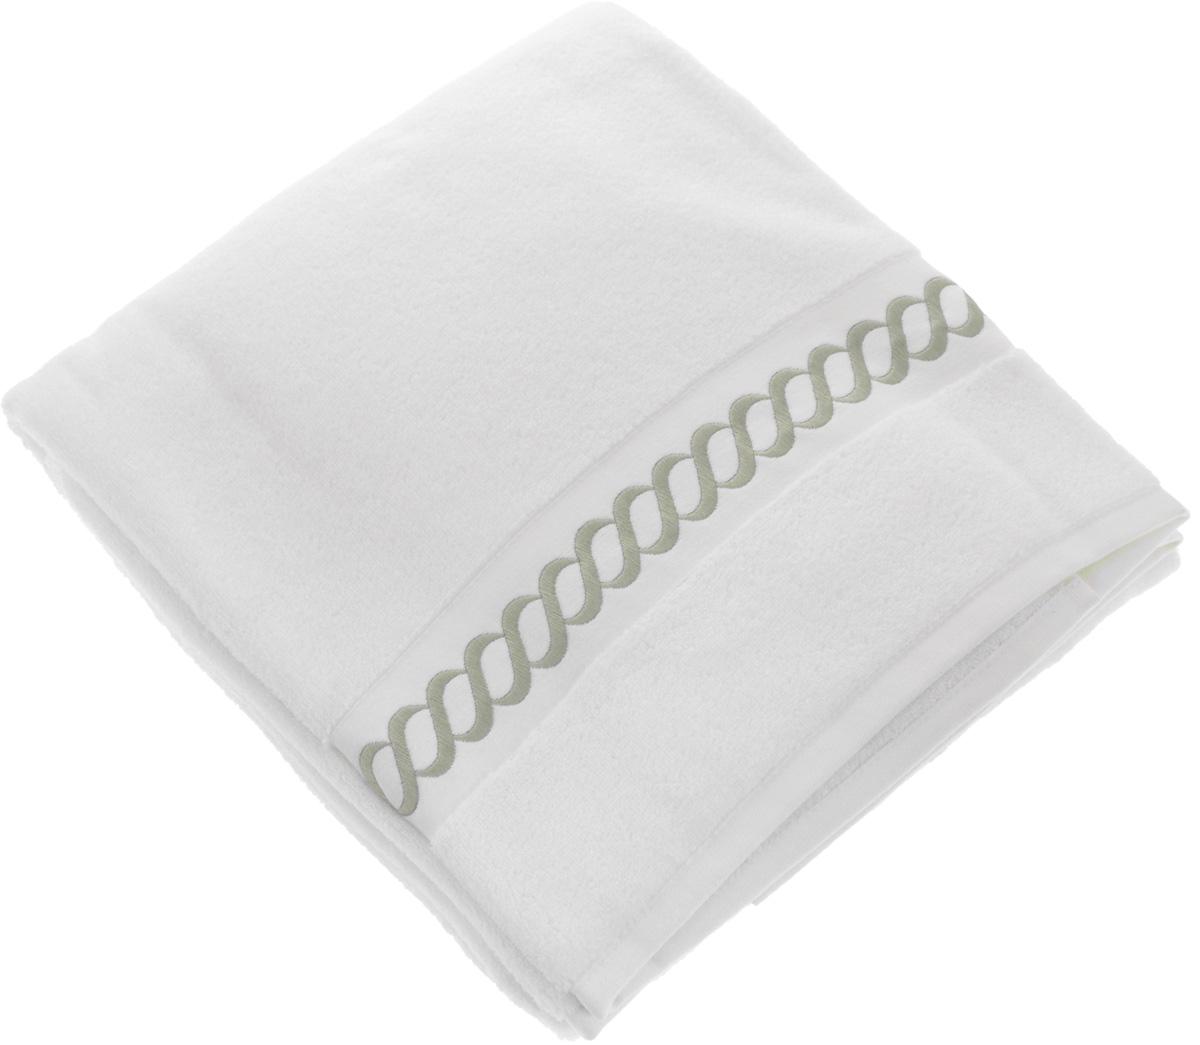 Полотенце махровое Issimo Home Pauline, цвет: белый, бежевый, 90 x 150 см68/5/3Полотенце Issimo Home Pauline выполнено из натуральной махровой ткани (100% хлопок). Изделие отлично впитывает влагу, быстро сохнет и не теряет форму даже после многократных стирок. Рекомендации по уходу:- режим стирки при 40°C,- допускается обычная химчистка,- отбеливание запрещено,- глажка при температуре подошвы утюга до 110°С,- барабанный отжим запрещен.Размер полотенца: 90 x 150 см.